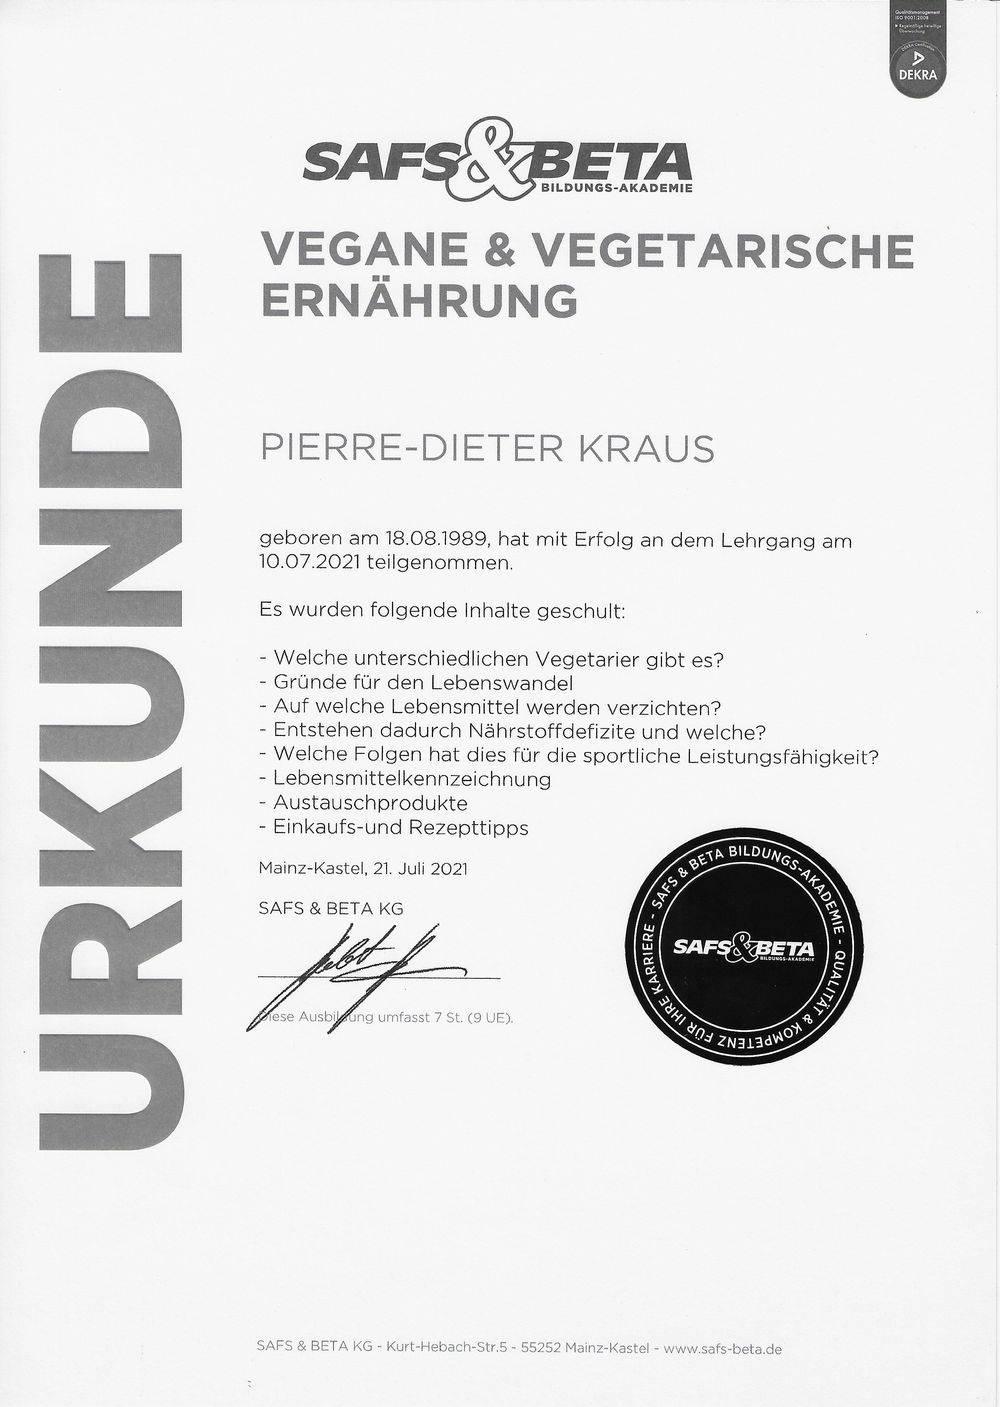 Vegane & Vegetarische Ernährung